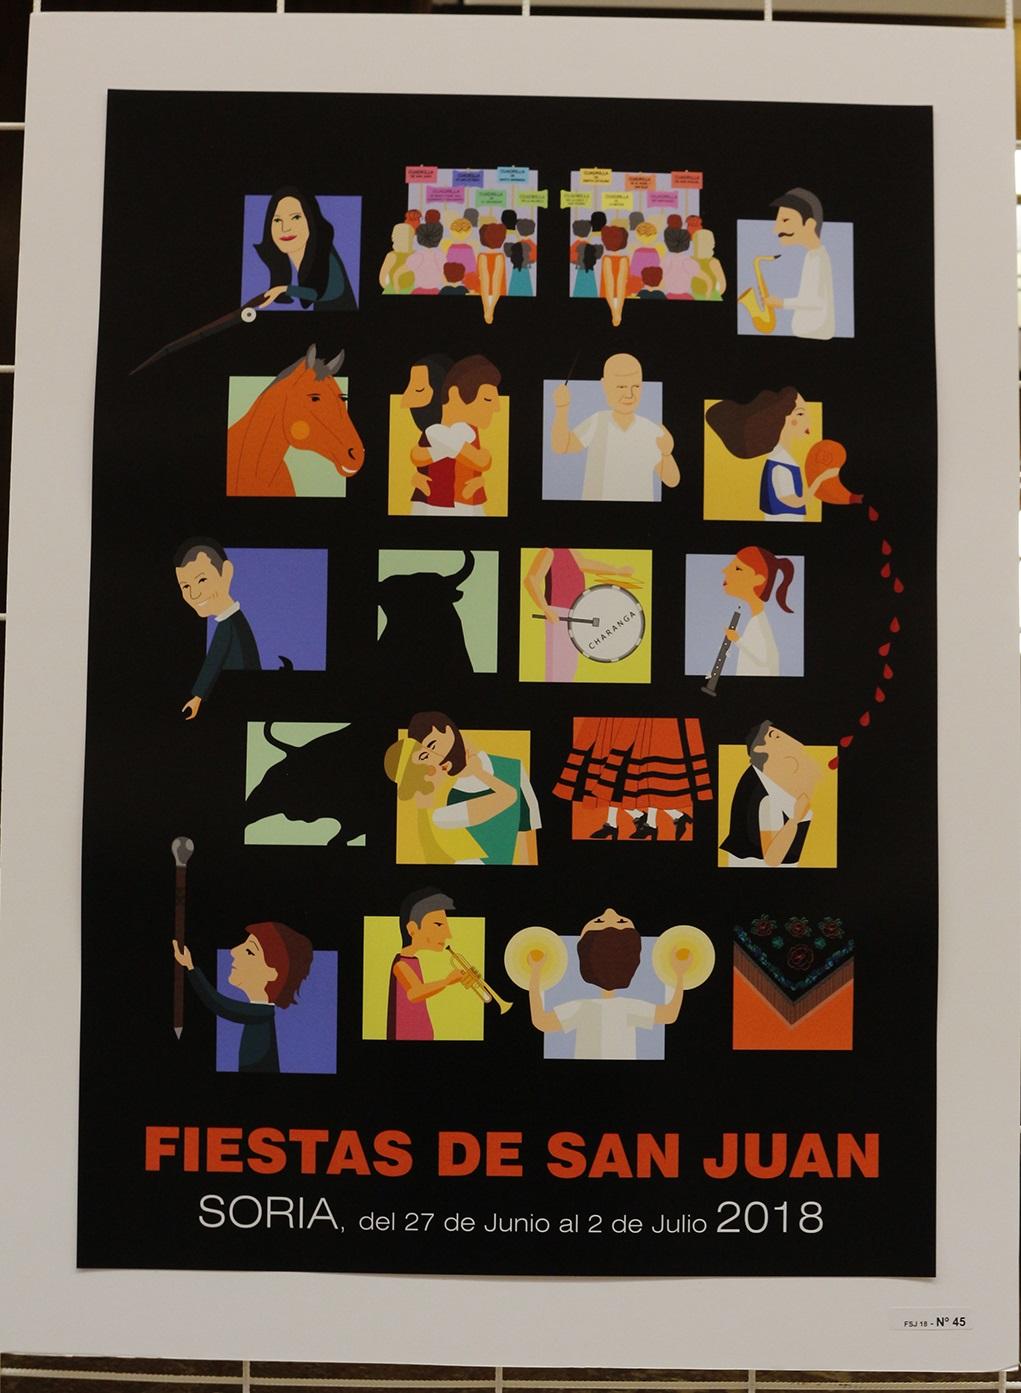 Los 9 detalles que (seguramente) no has visto de los carteles de San Juan  | Imagen 12